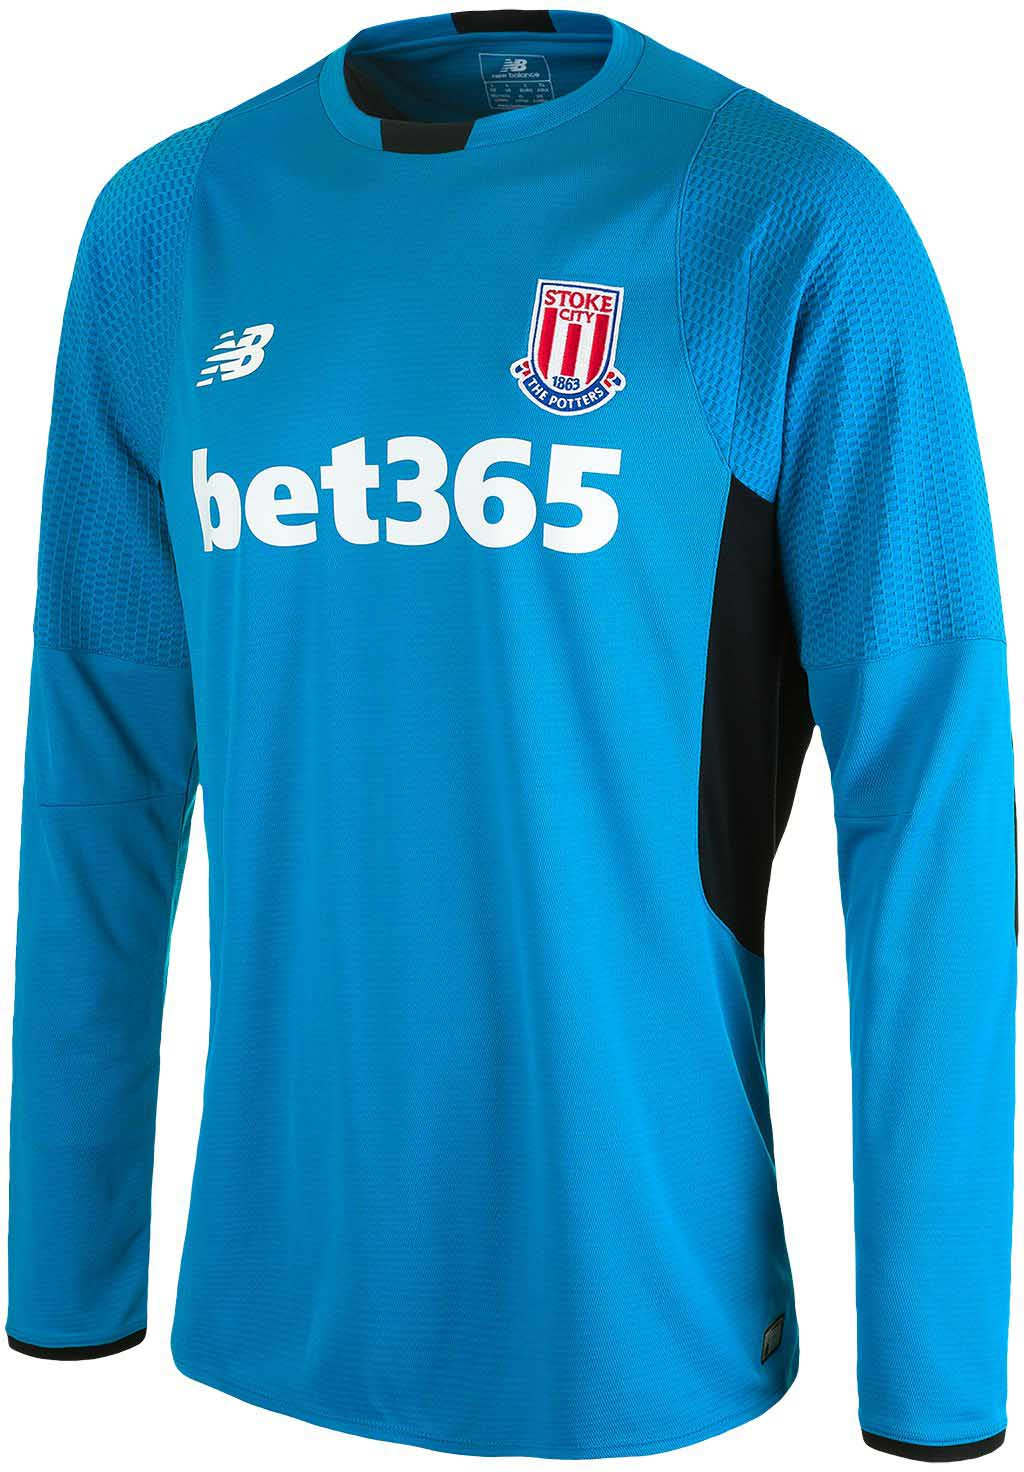 Stoke City goalkeeper kit home 2015-16